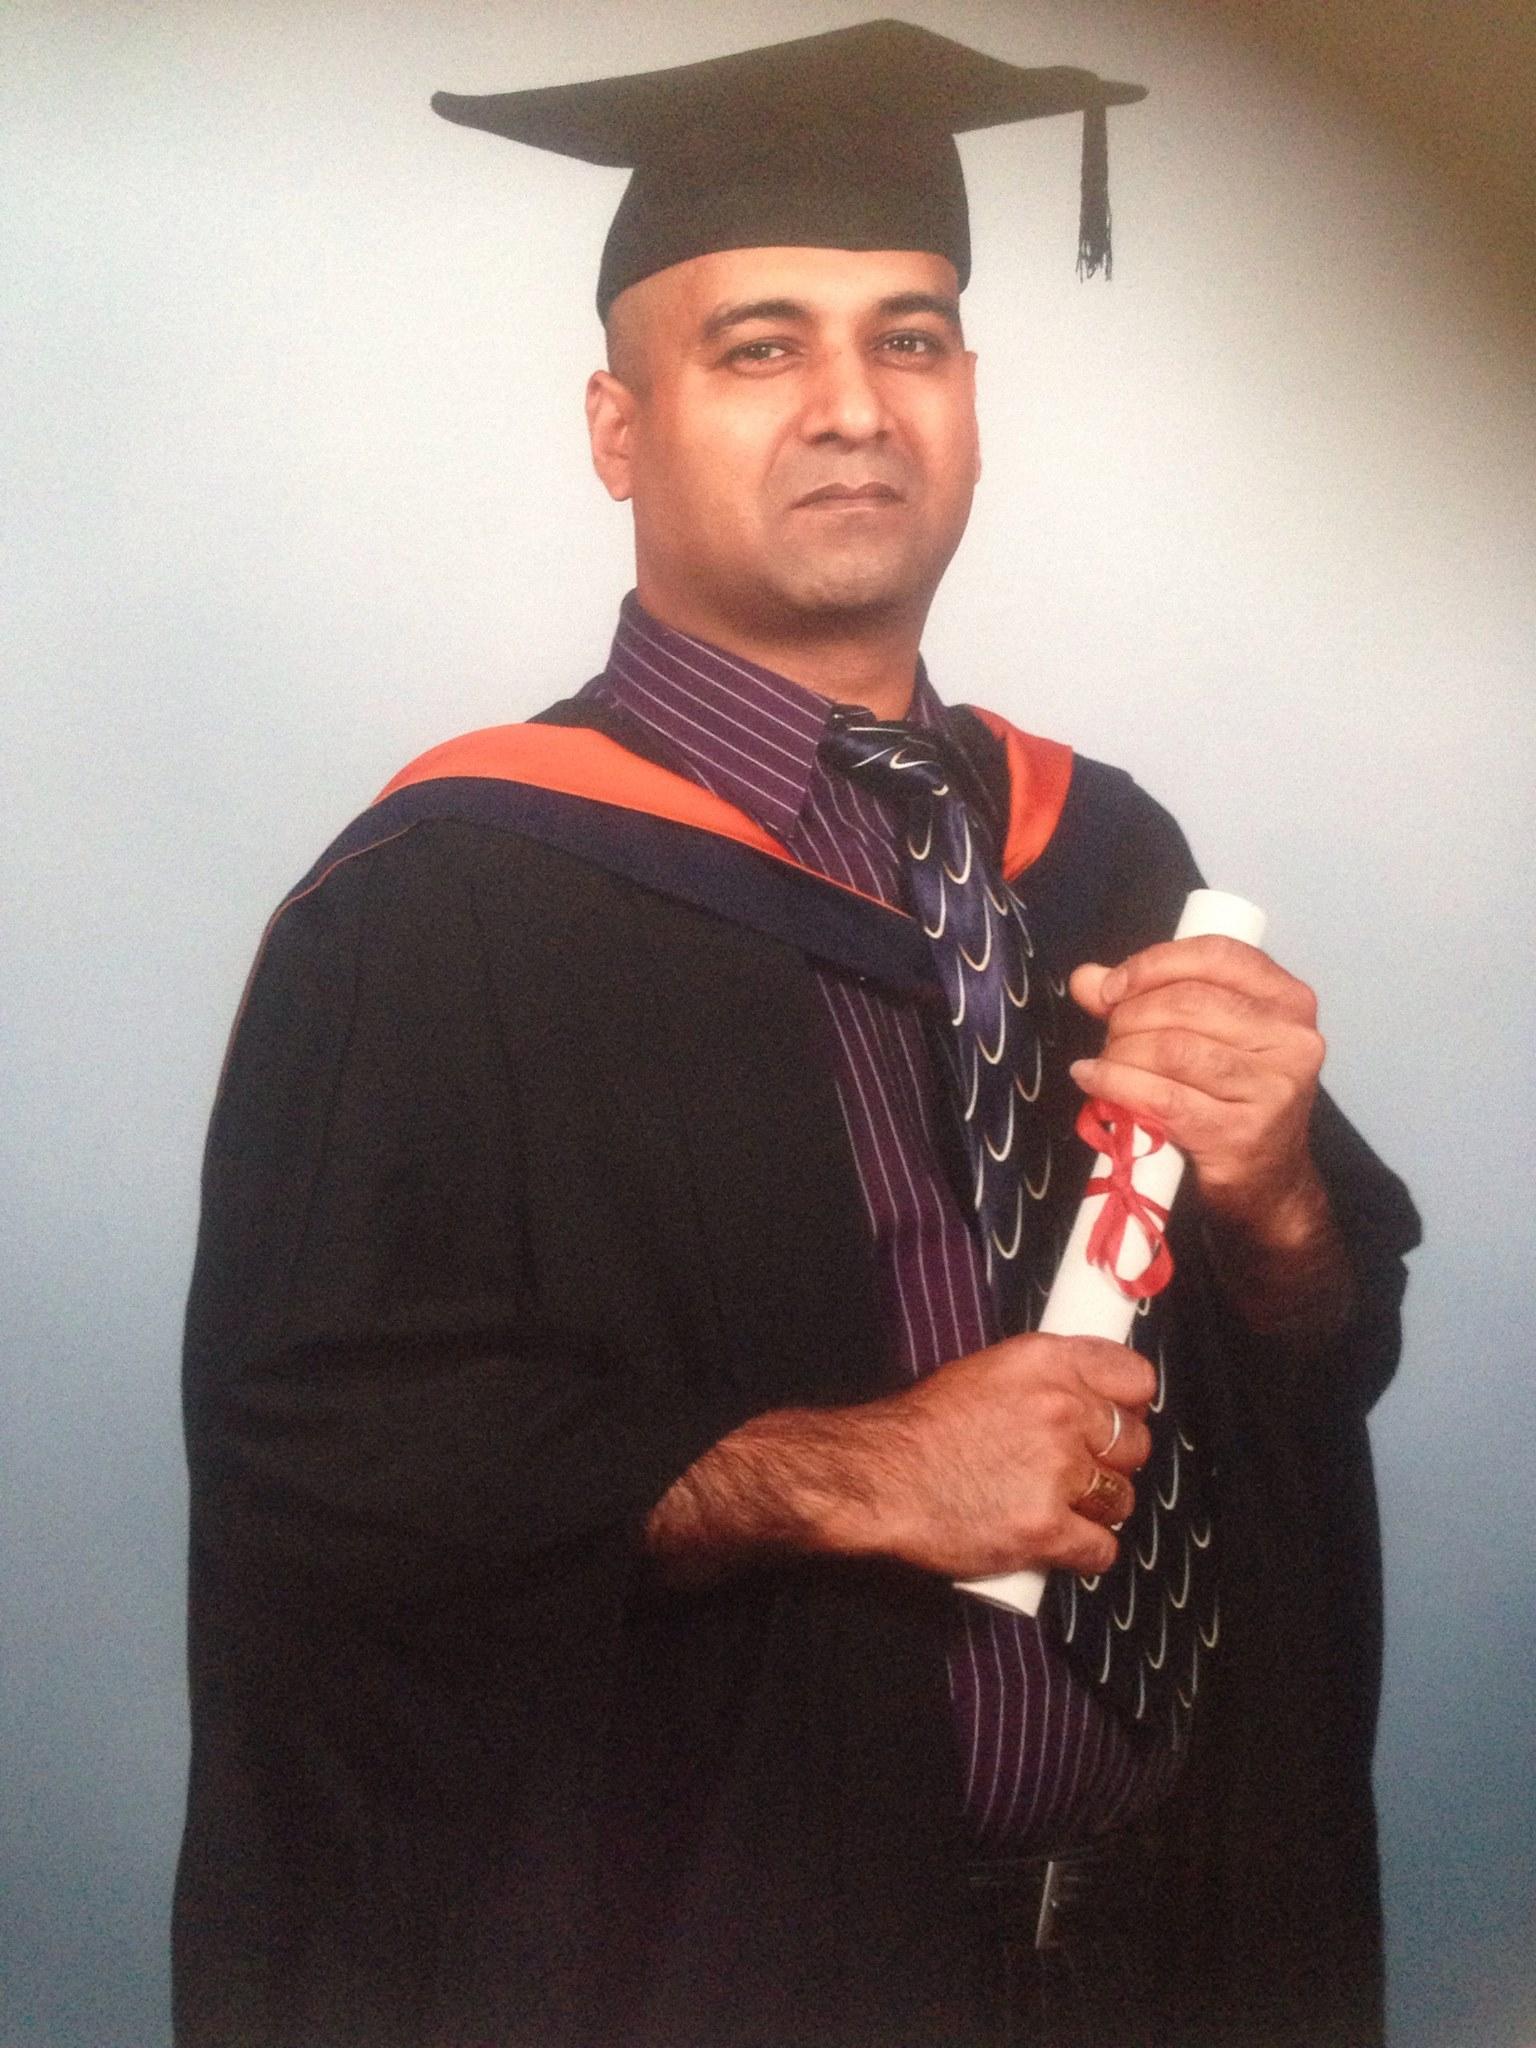 Md. Shahneauz Mithun